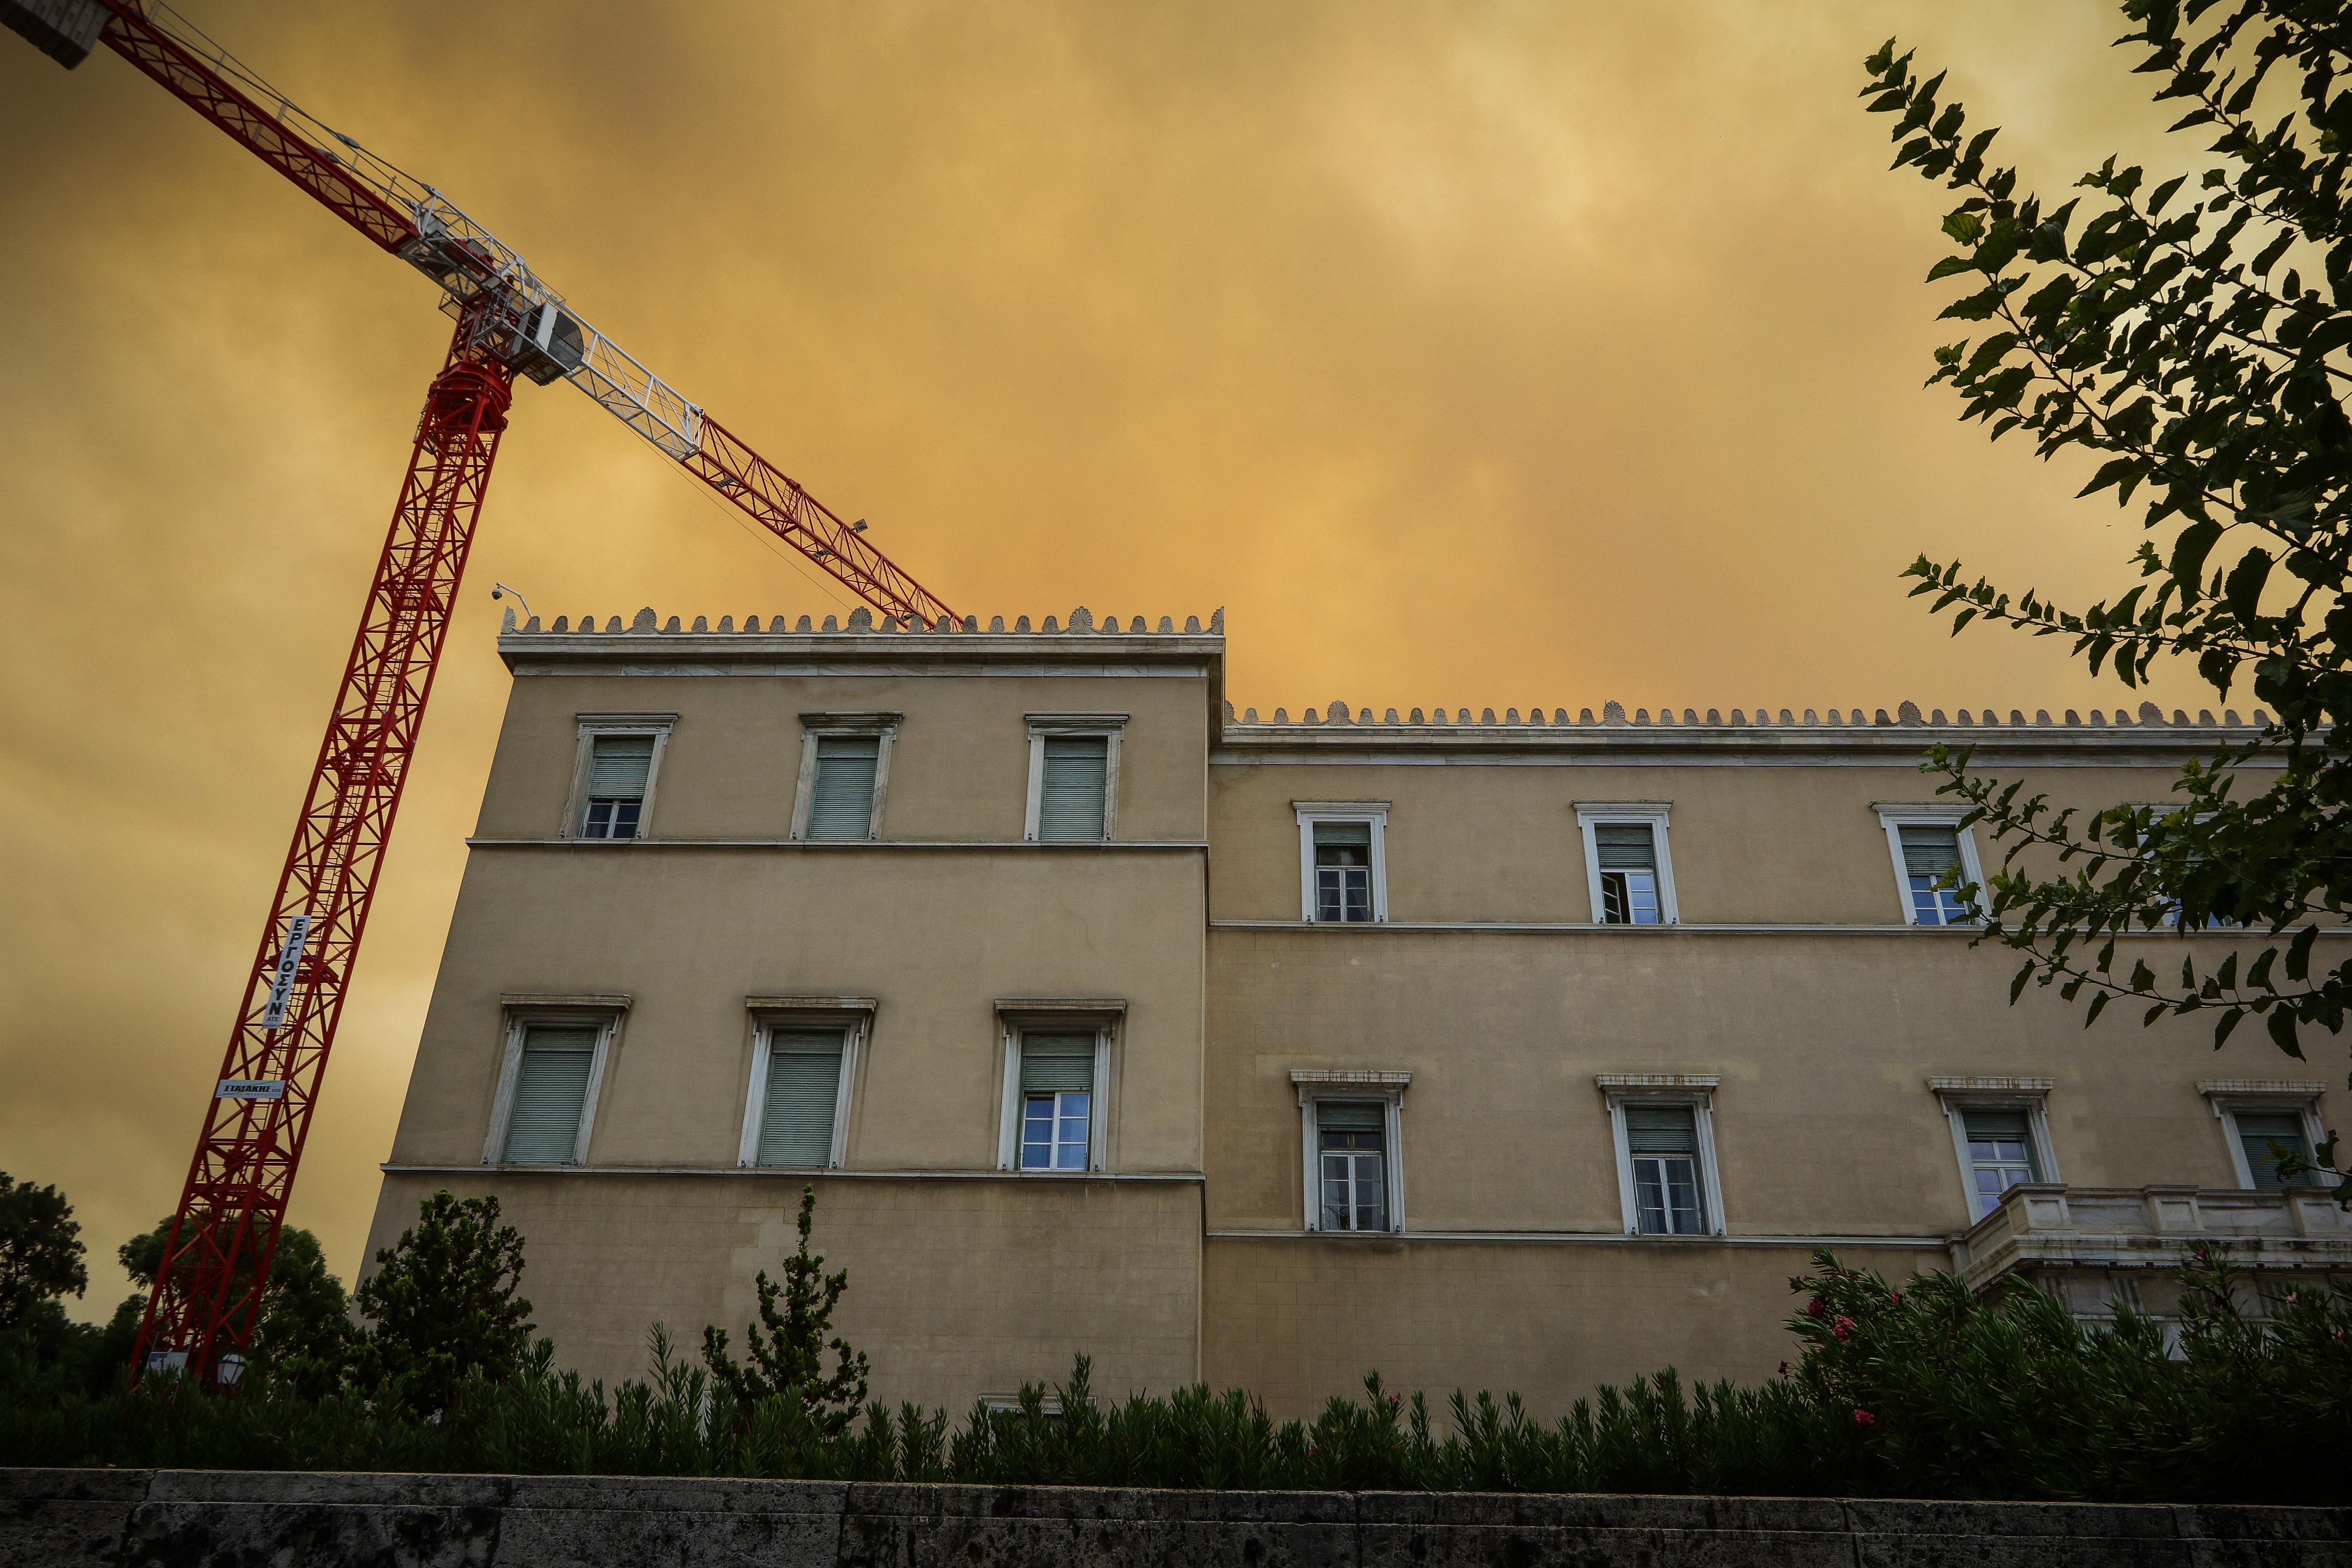 skepase-kai-tin-akropoli-o-pyknos-kapnos-apo-ti-fotia-stin-kineta-fotografies2